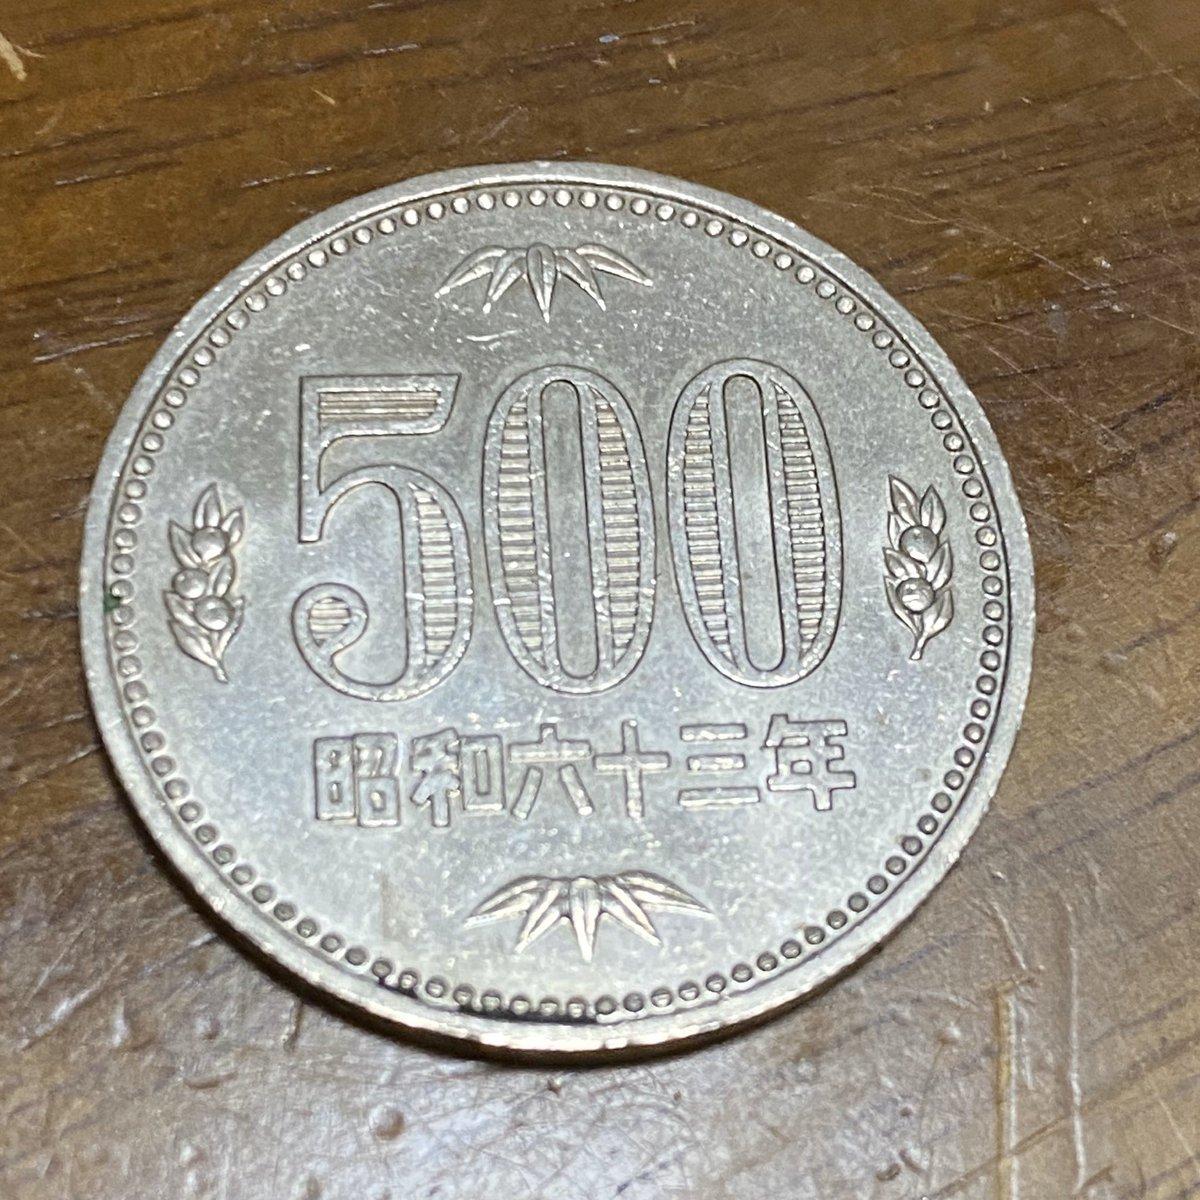 価値 平成 500 玉 31 円 年